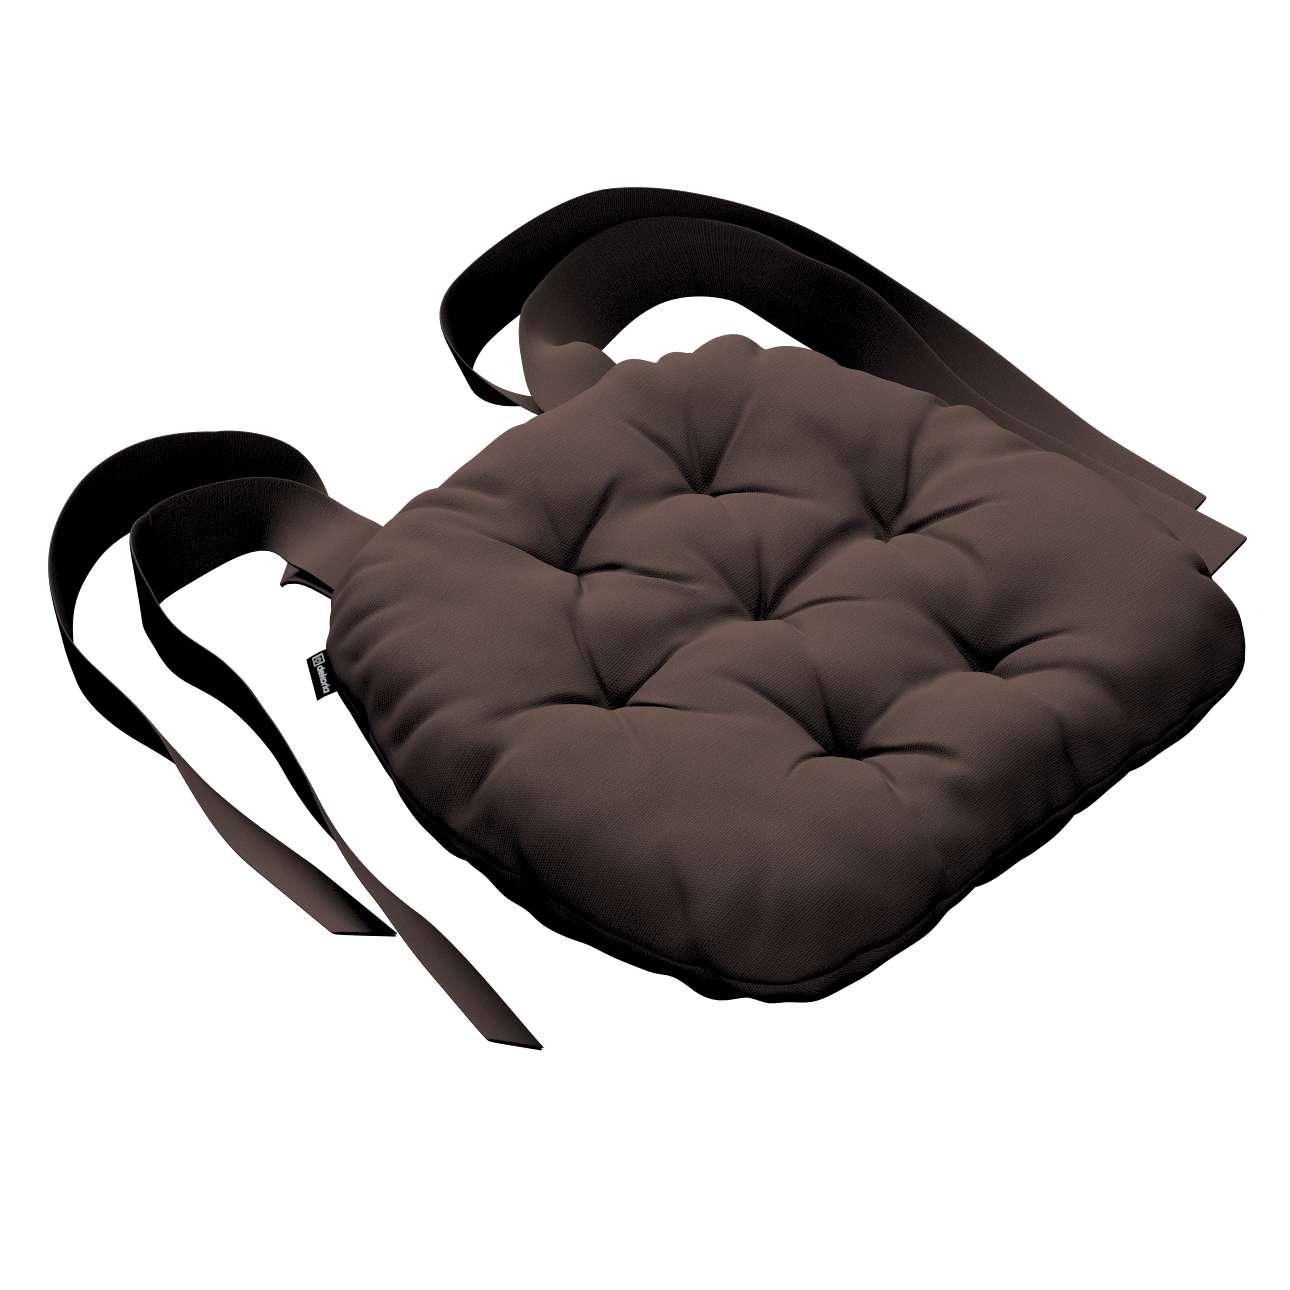 Siedzisko Marcin na krzesło 40x37x8cm w kolekcji Cotton Panama, tkanina: 702-03